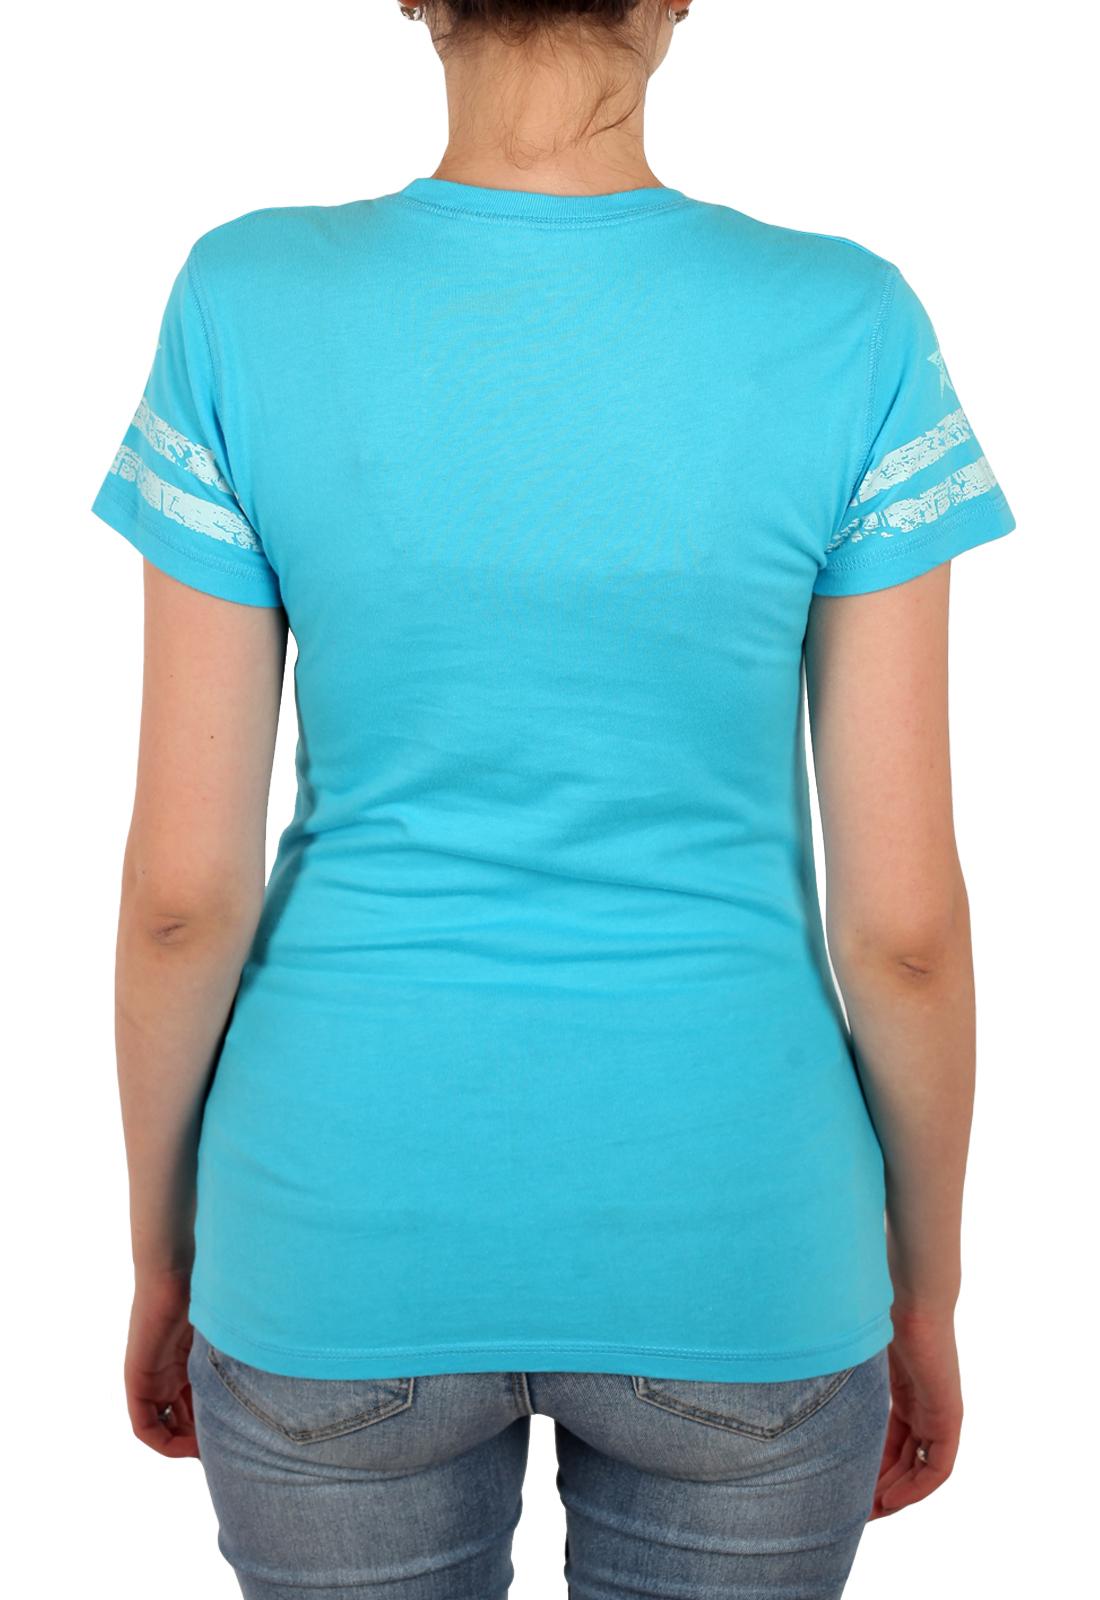 Яркая женская футболка Planet Hollywood. Натуральный хлопок, женственный бирюзовый цвет и модный печатный принт